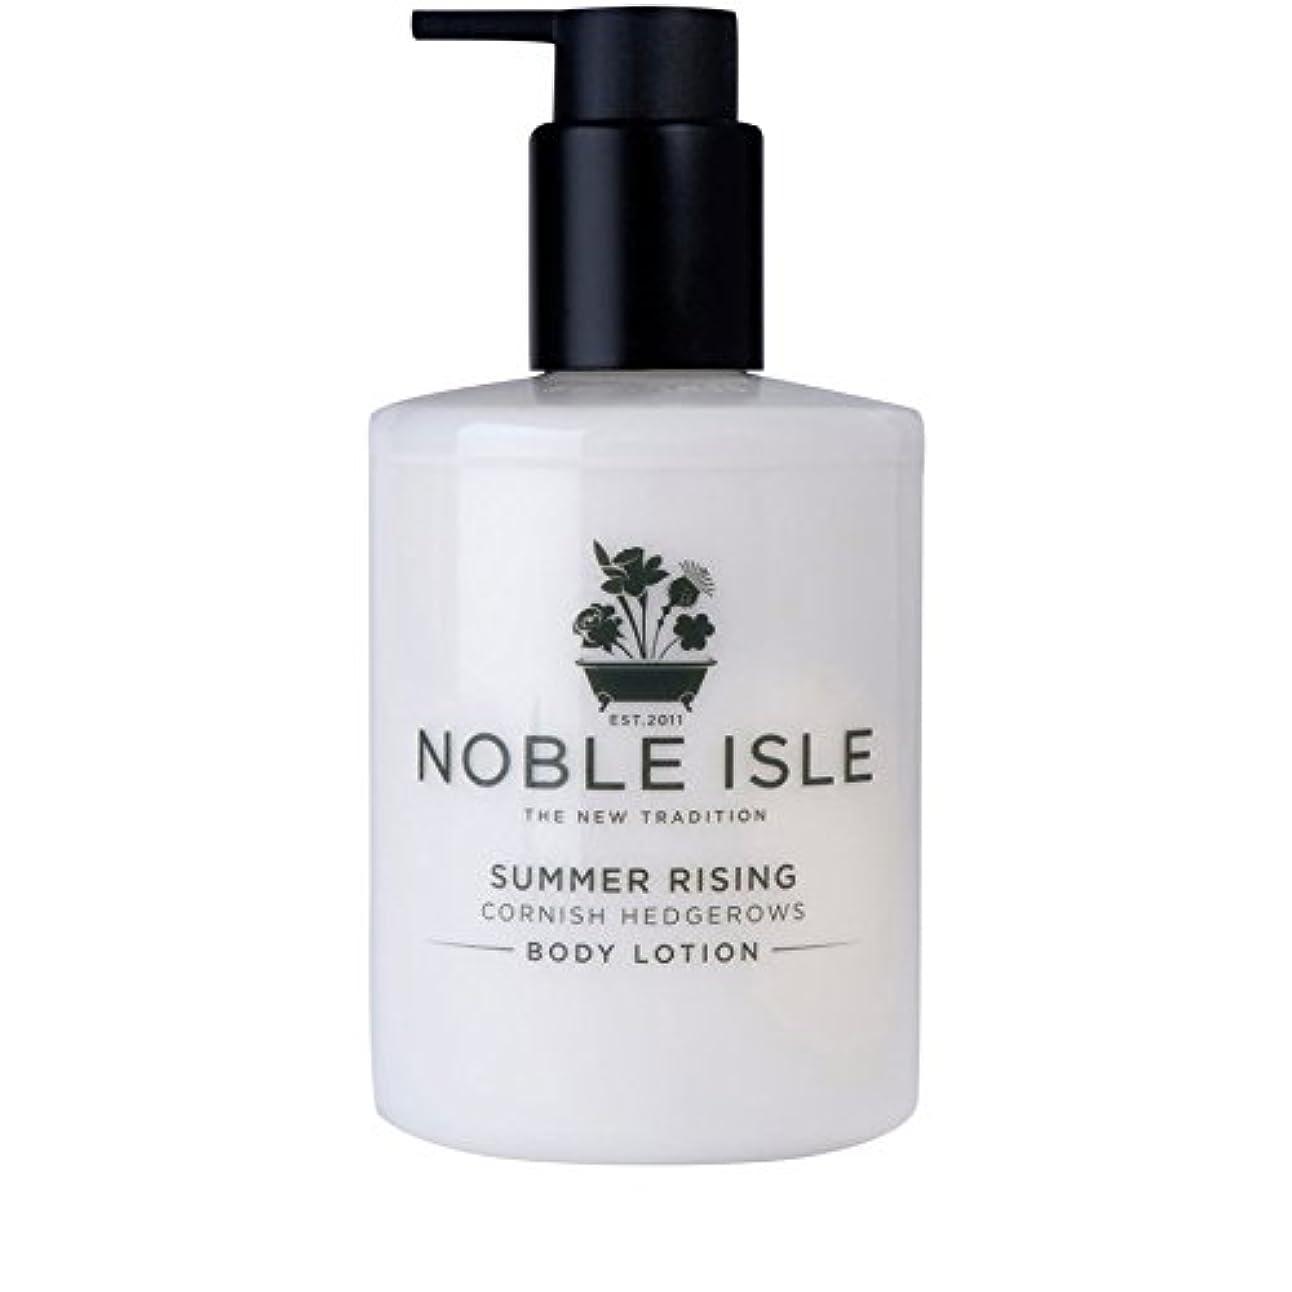 赤字毛布モンスターNoble Isle Summer Rising Cornish Hedgerows Body Lotion 250ml - コーニッシュ生け垣ボディローション250ミリリットルを上昇高貴な島の夏 [並行輸入品]